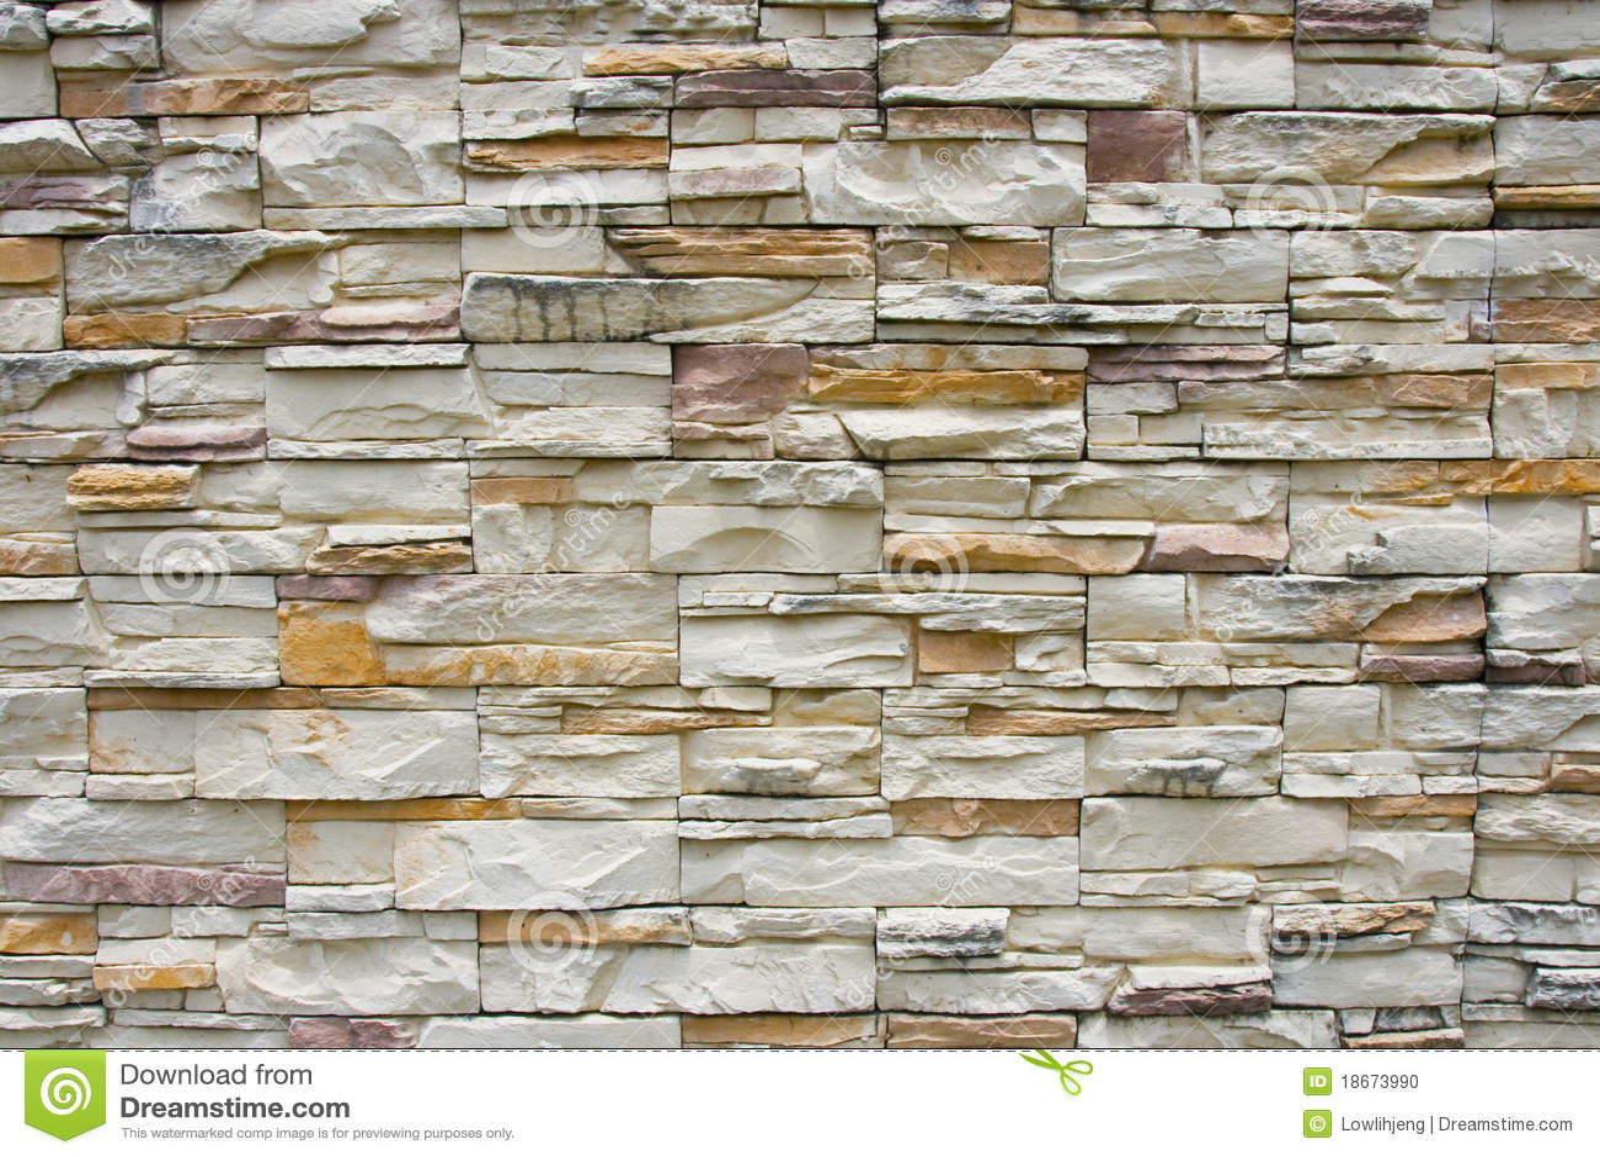 Rivestimento della parete di pietra fotografia stock - Parete di pietra ...